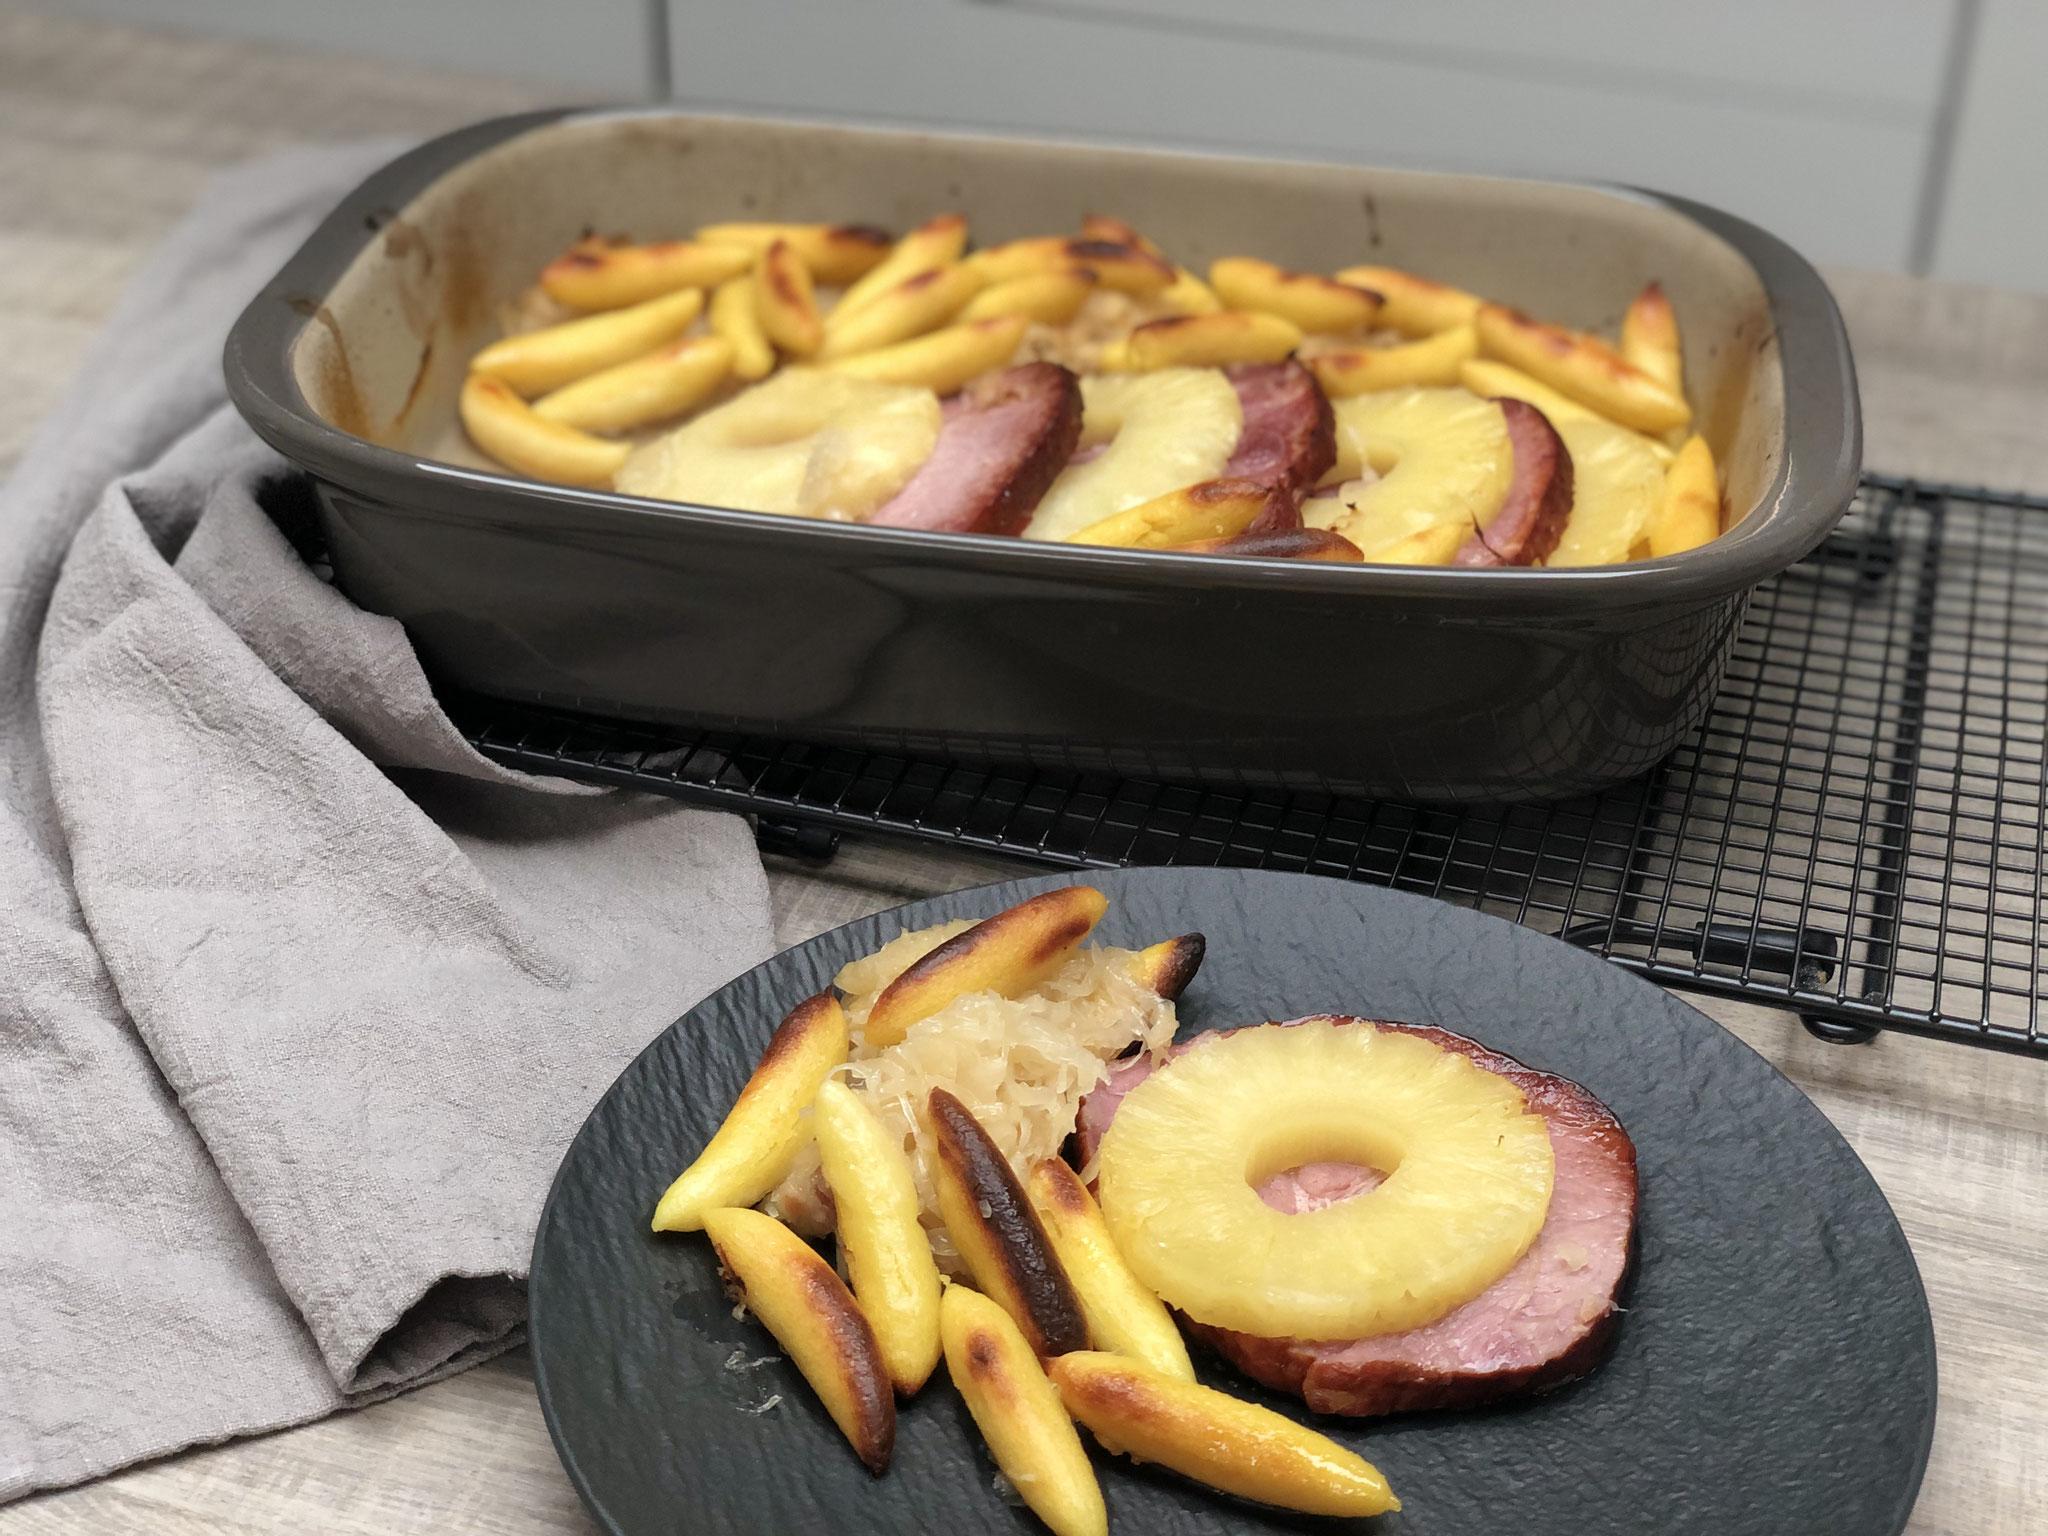 Es schmeckt so lecker und ist easypeasy schnell zubereitet - du hast ein tolles All in One Menü in deiner Ofenhexe geszaubert... ♥